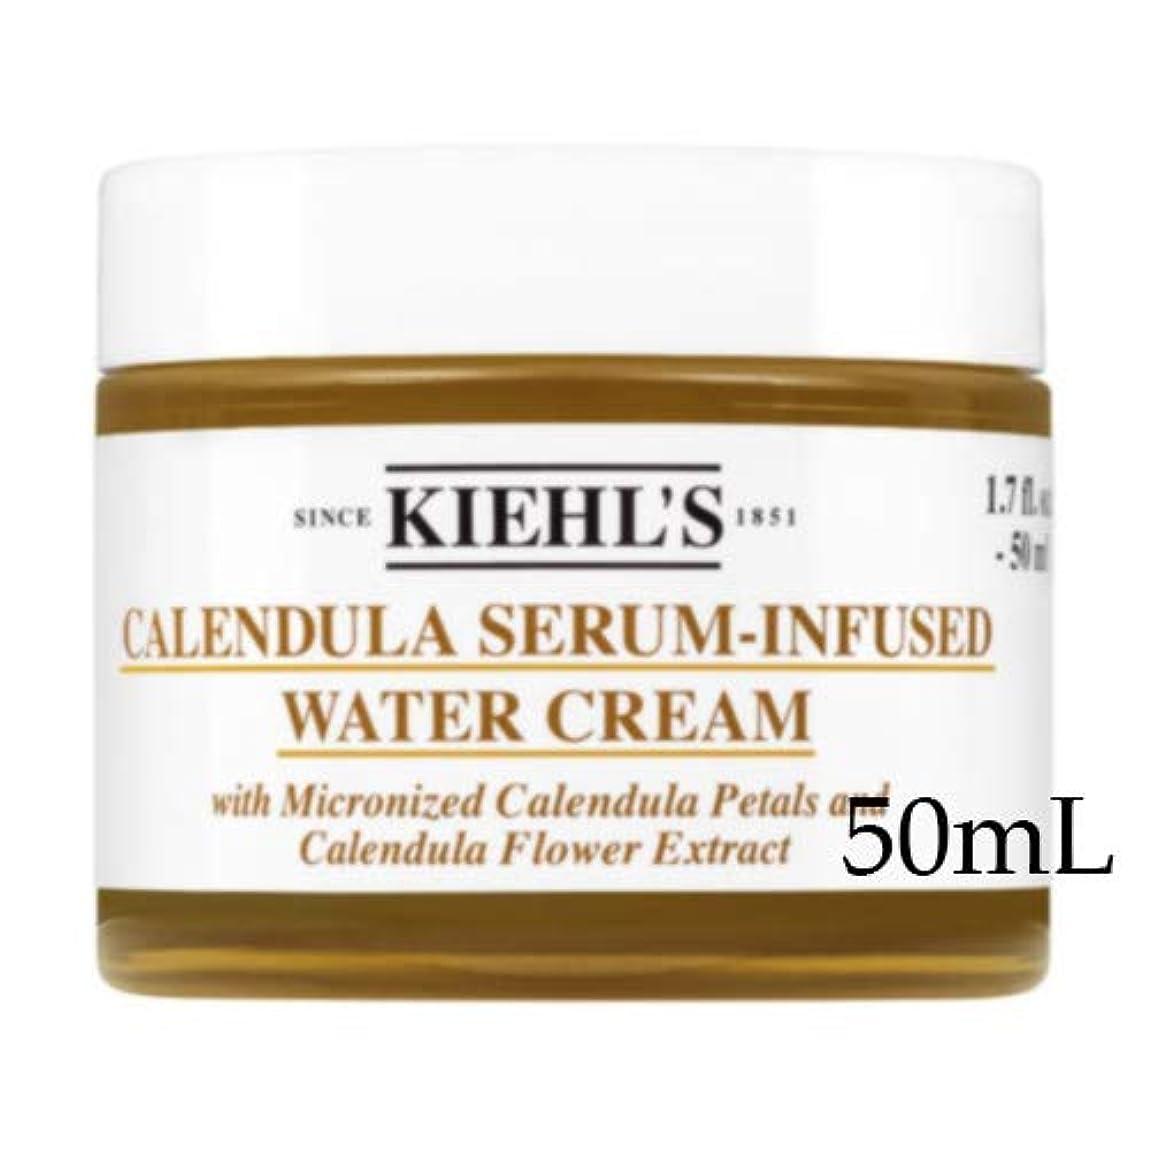 ストレス調和傾向Kiehl's(キールズ) キールズ ウォータークリーム CL 50mL